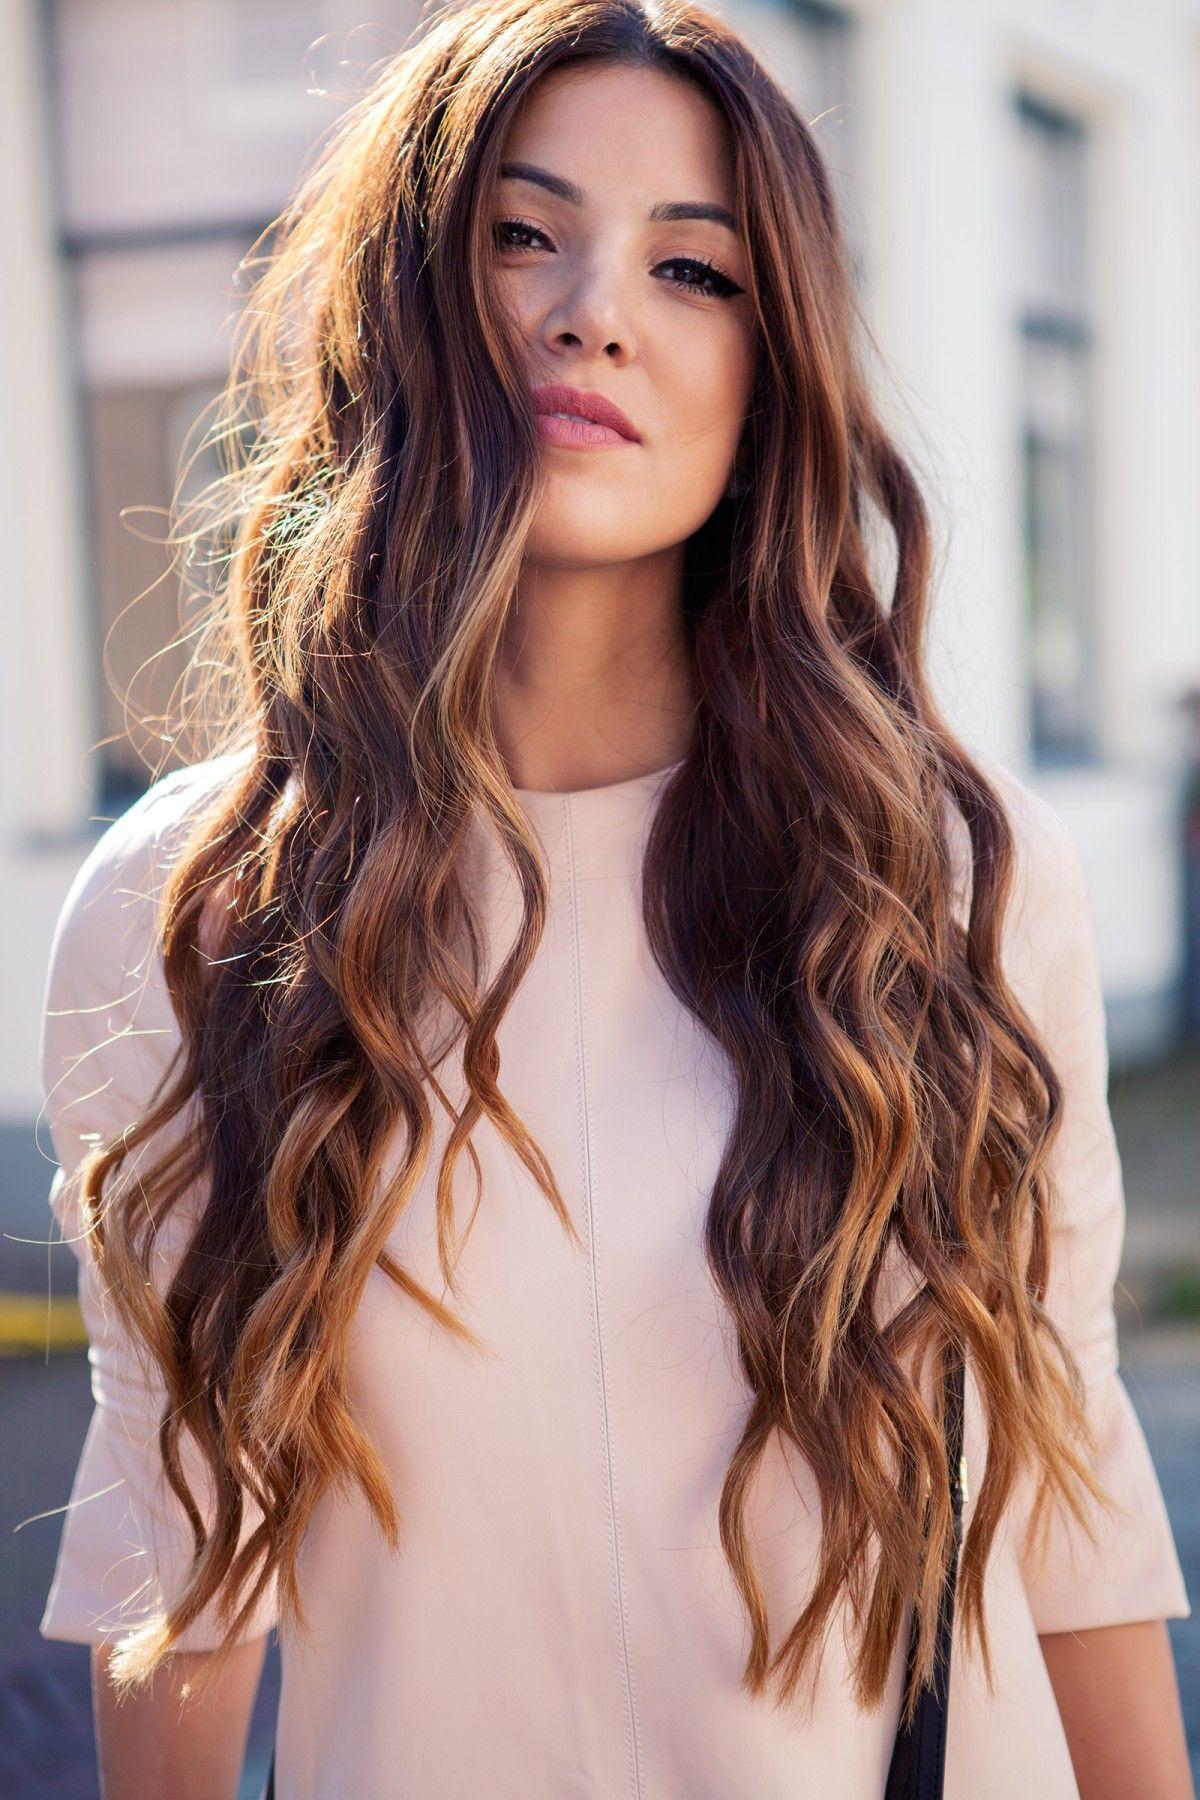 Long Flowing Waves Hair Włosy Długie Włosy I Fryzura